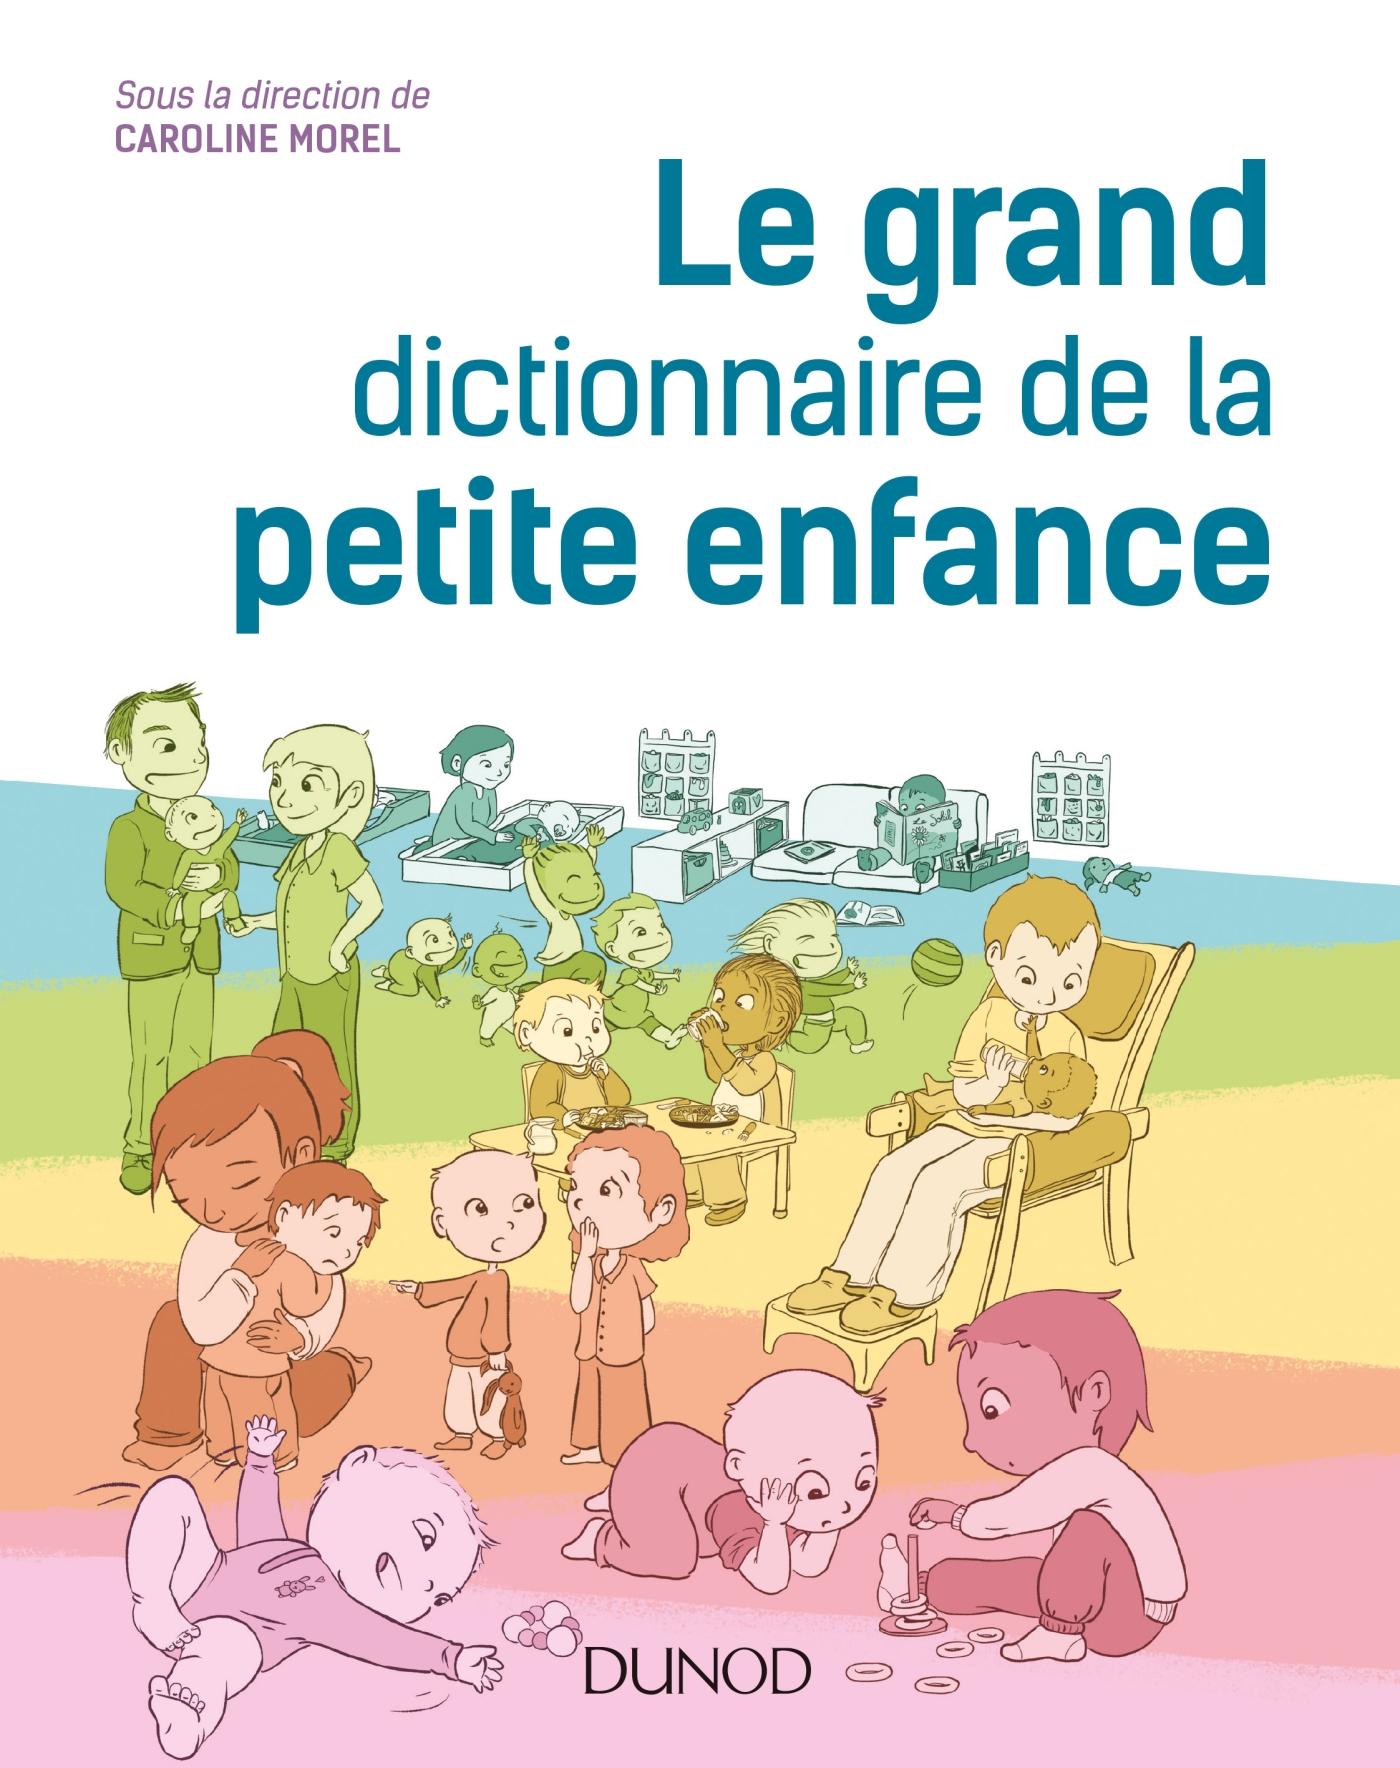 Le grand dictionnaire de la petite enfance